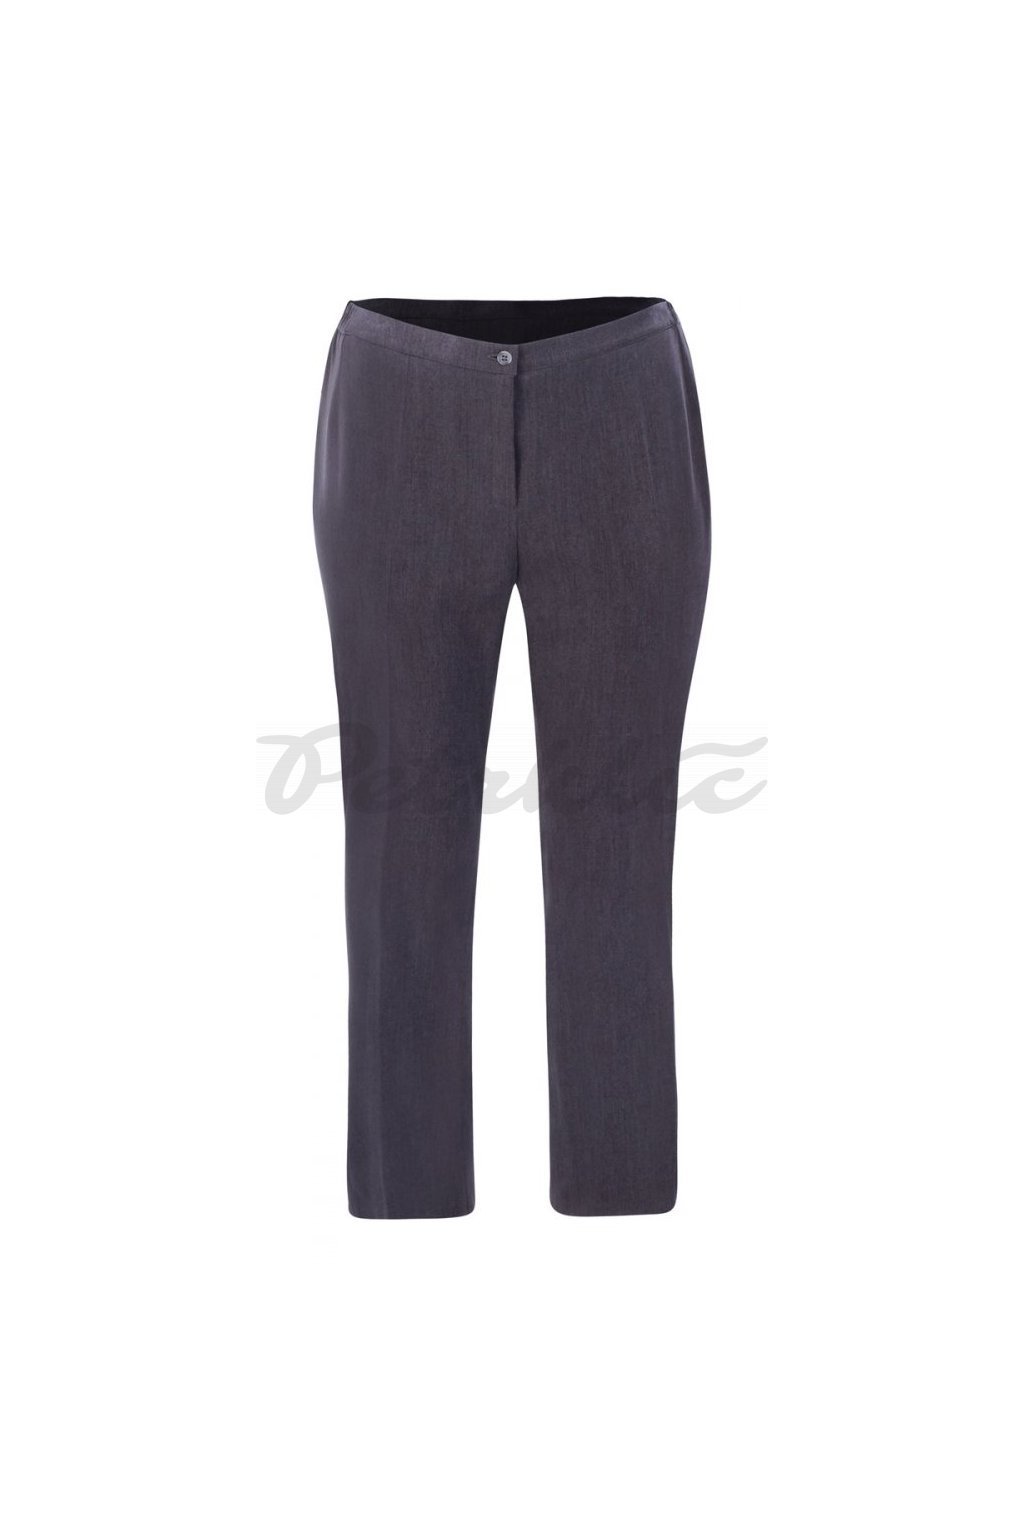 ALEX - kalhoty vnitřní 74 cm